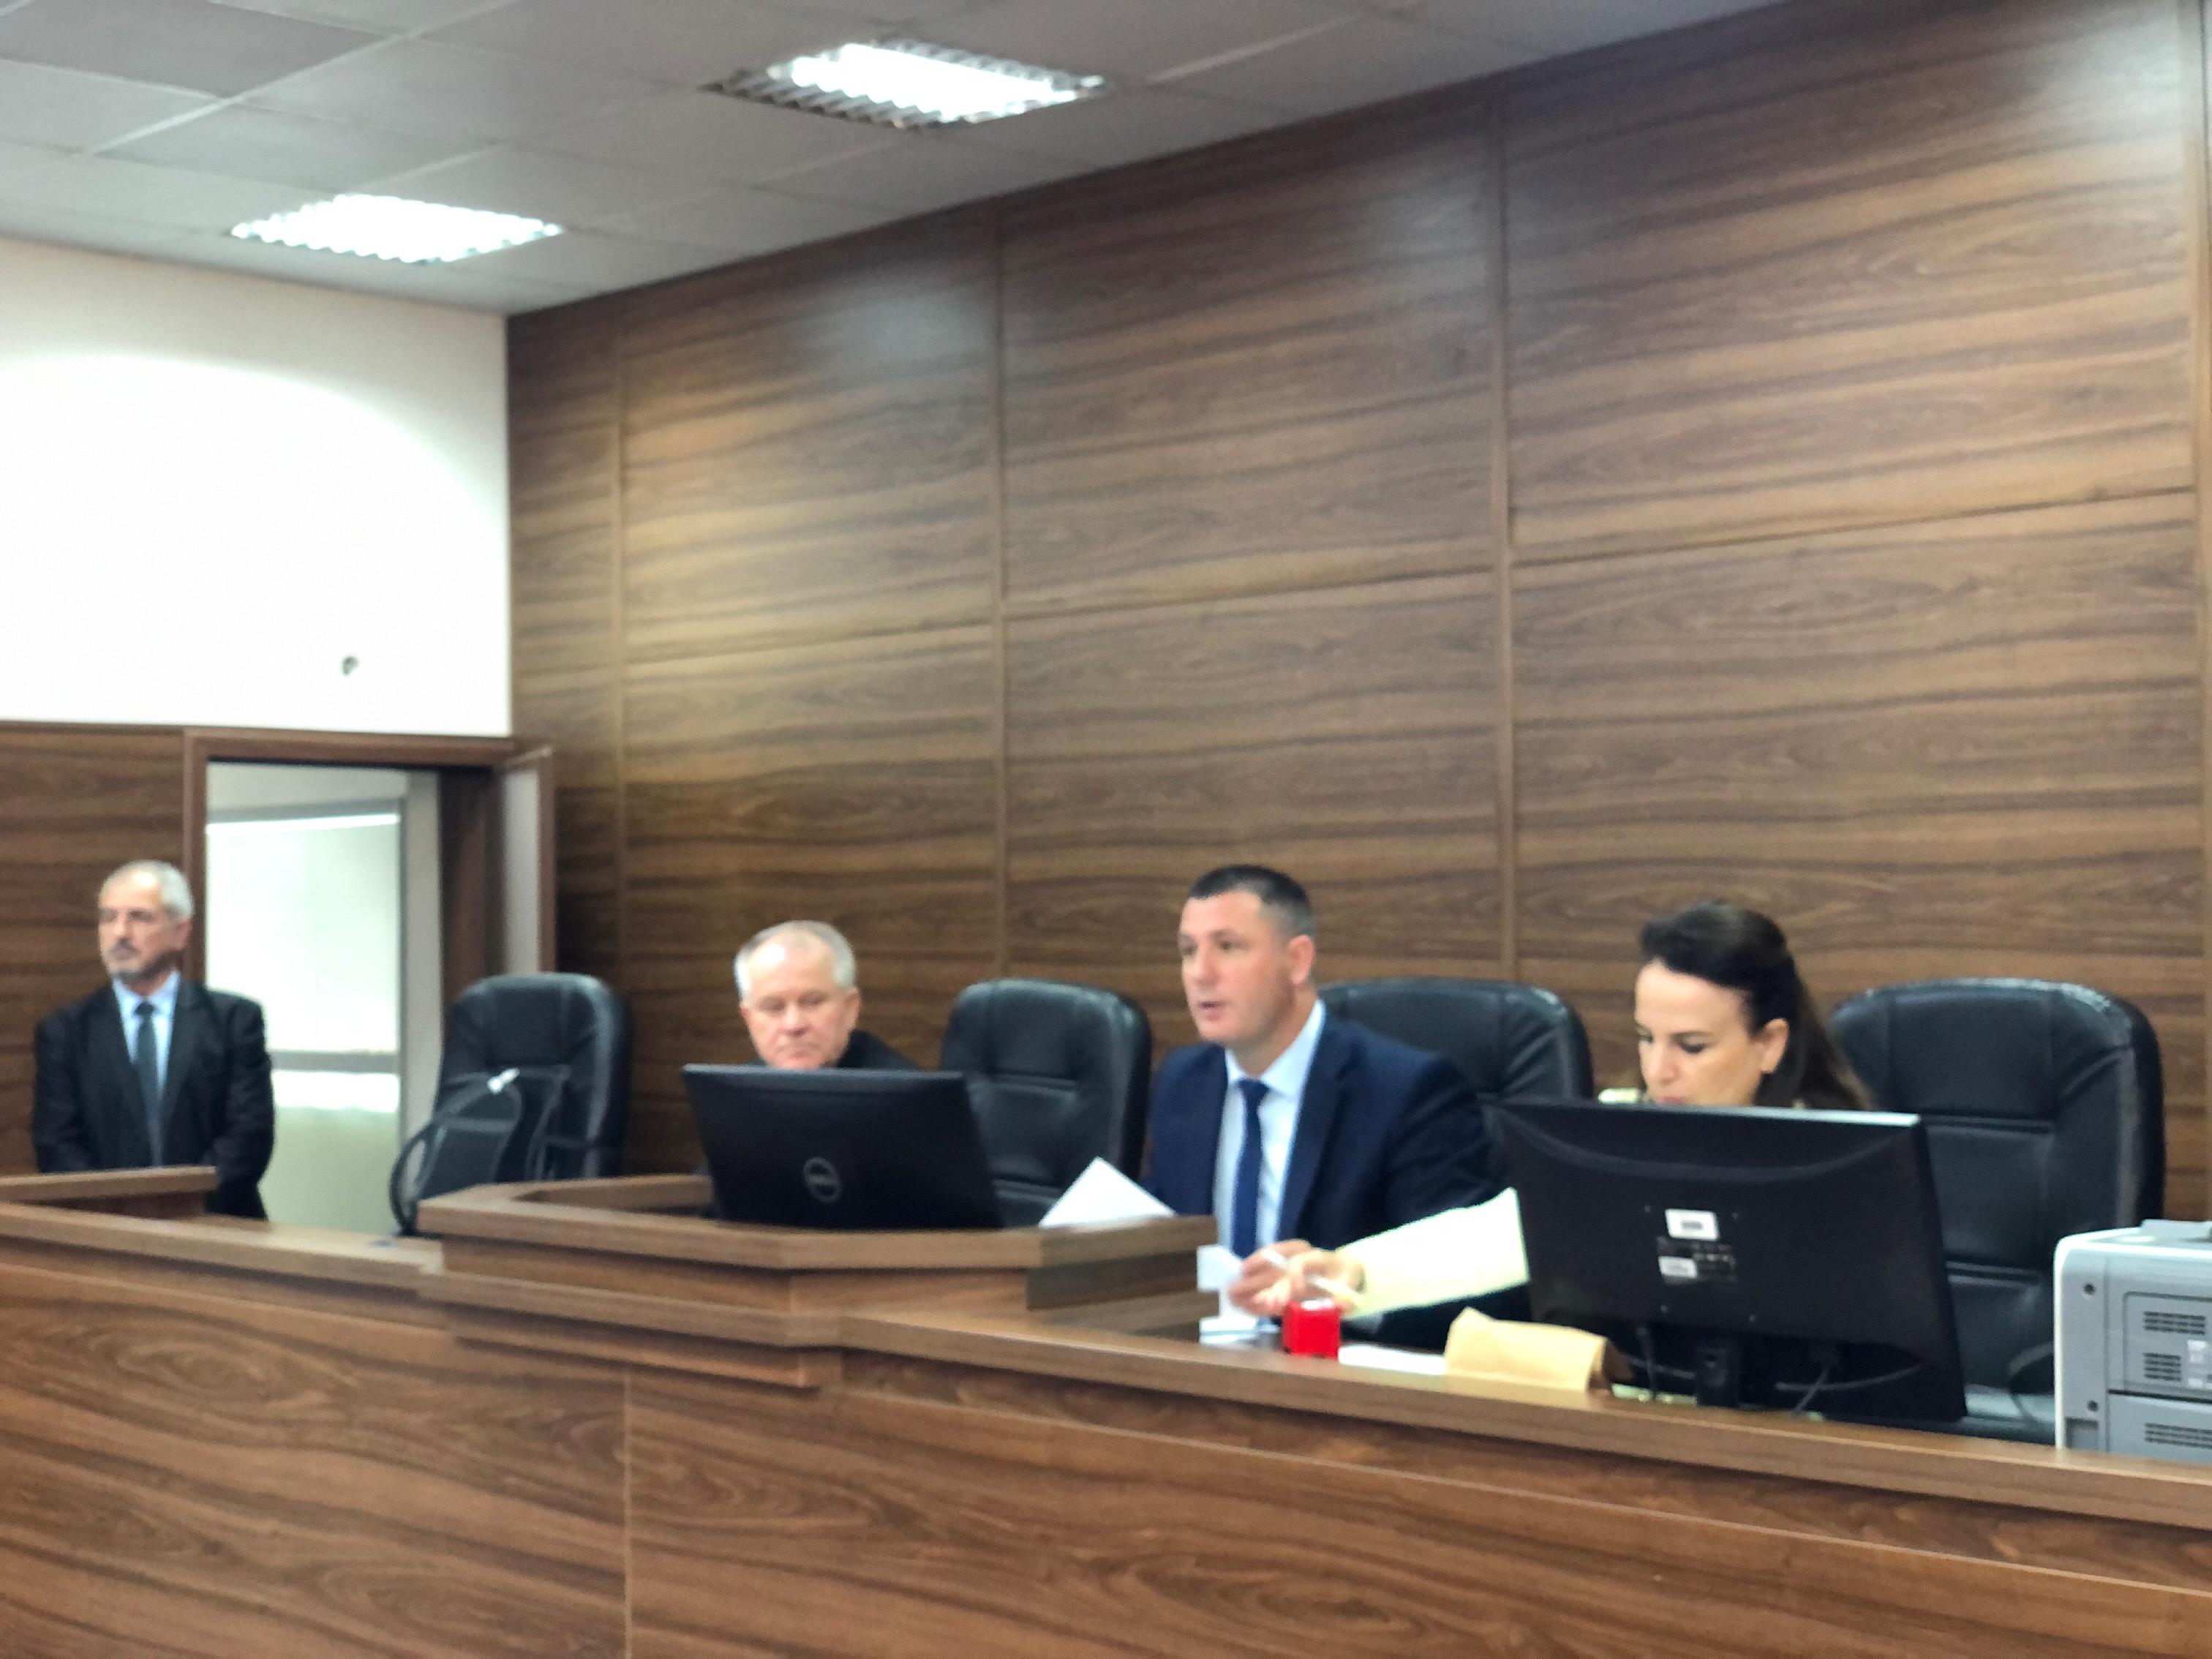 Në Gjykatën Themelore në Ferizaj dhe Gjykatën Themelore në Prishtinë zgjidhen kandidatët për anëtarë të  Këshillit Gjyqësor të Kosovës